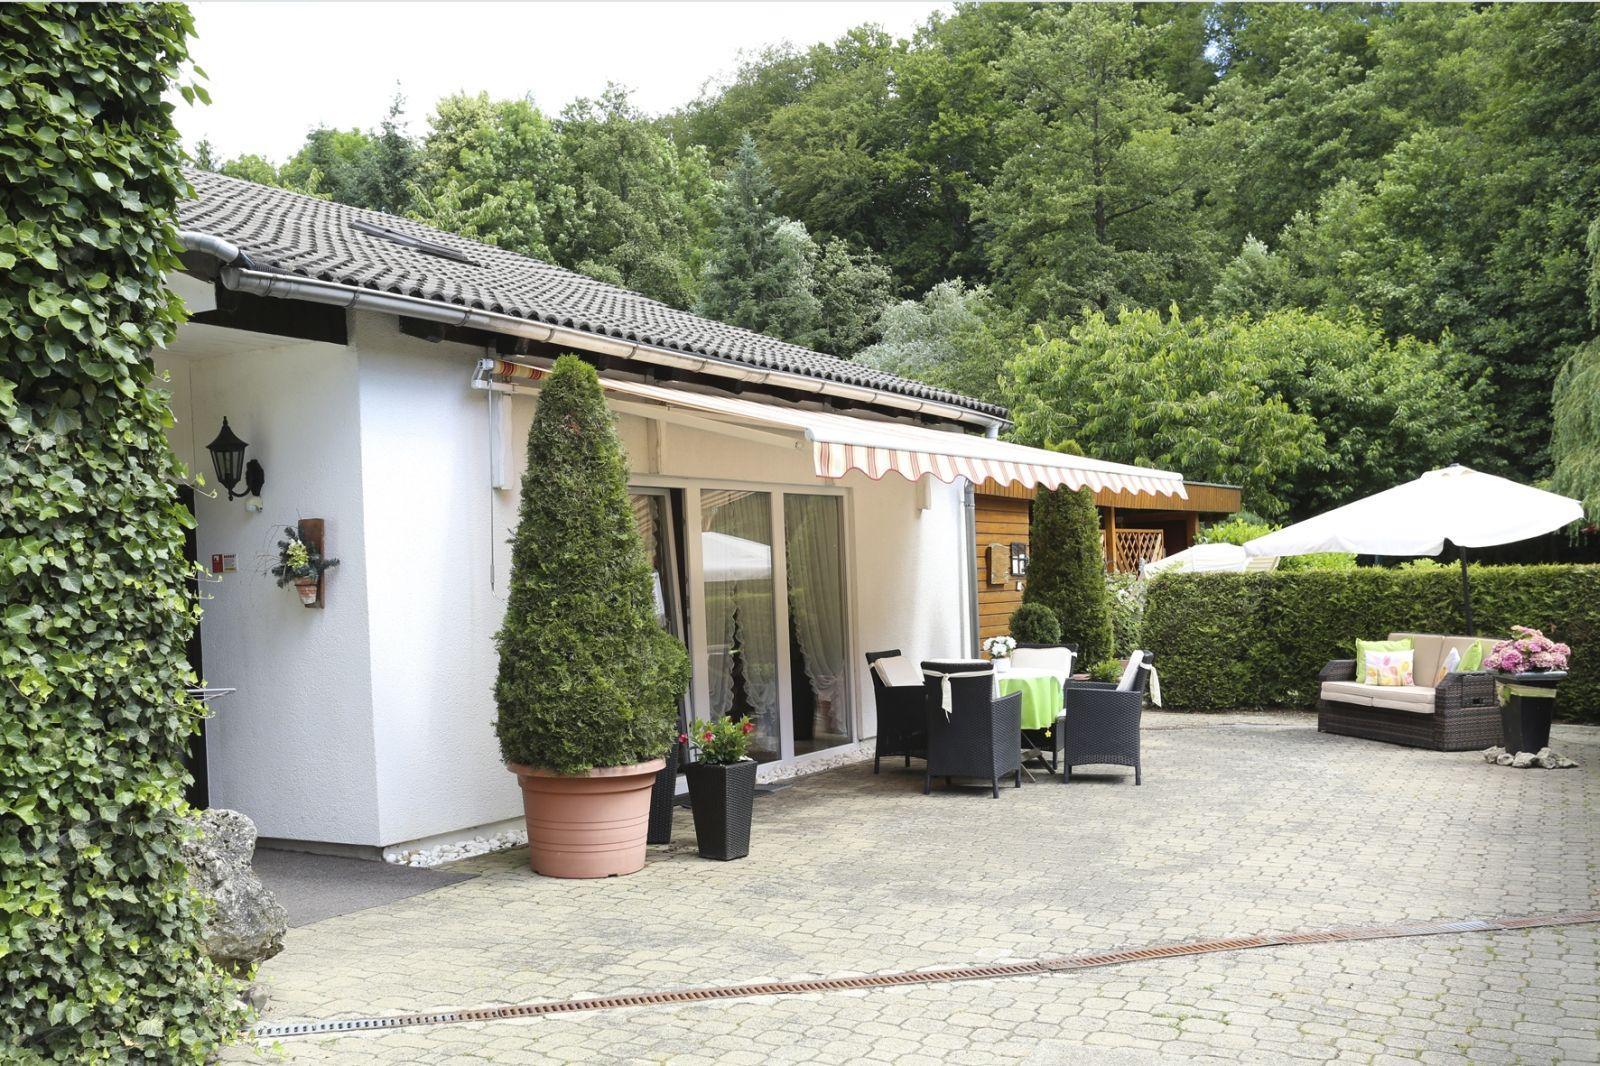 Ferienhaus für 2 Personen ca. 45 m² in W  im Harz